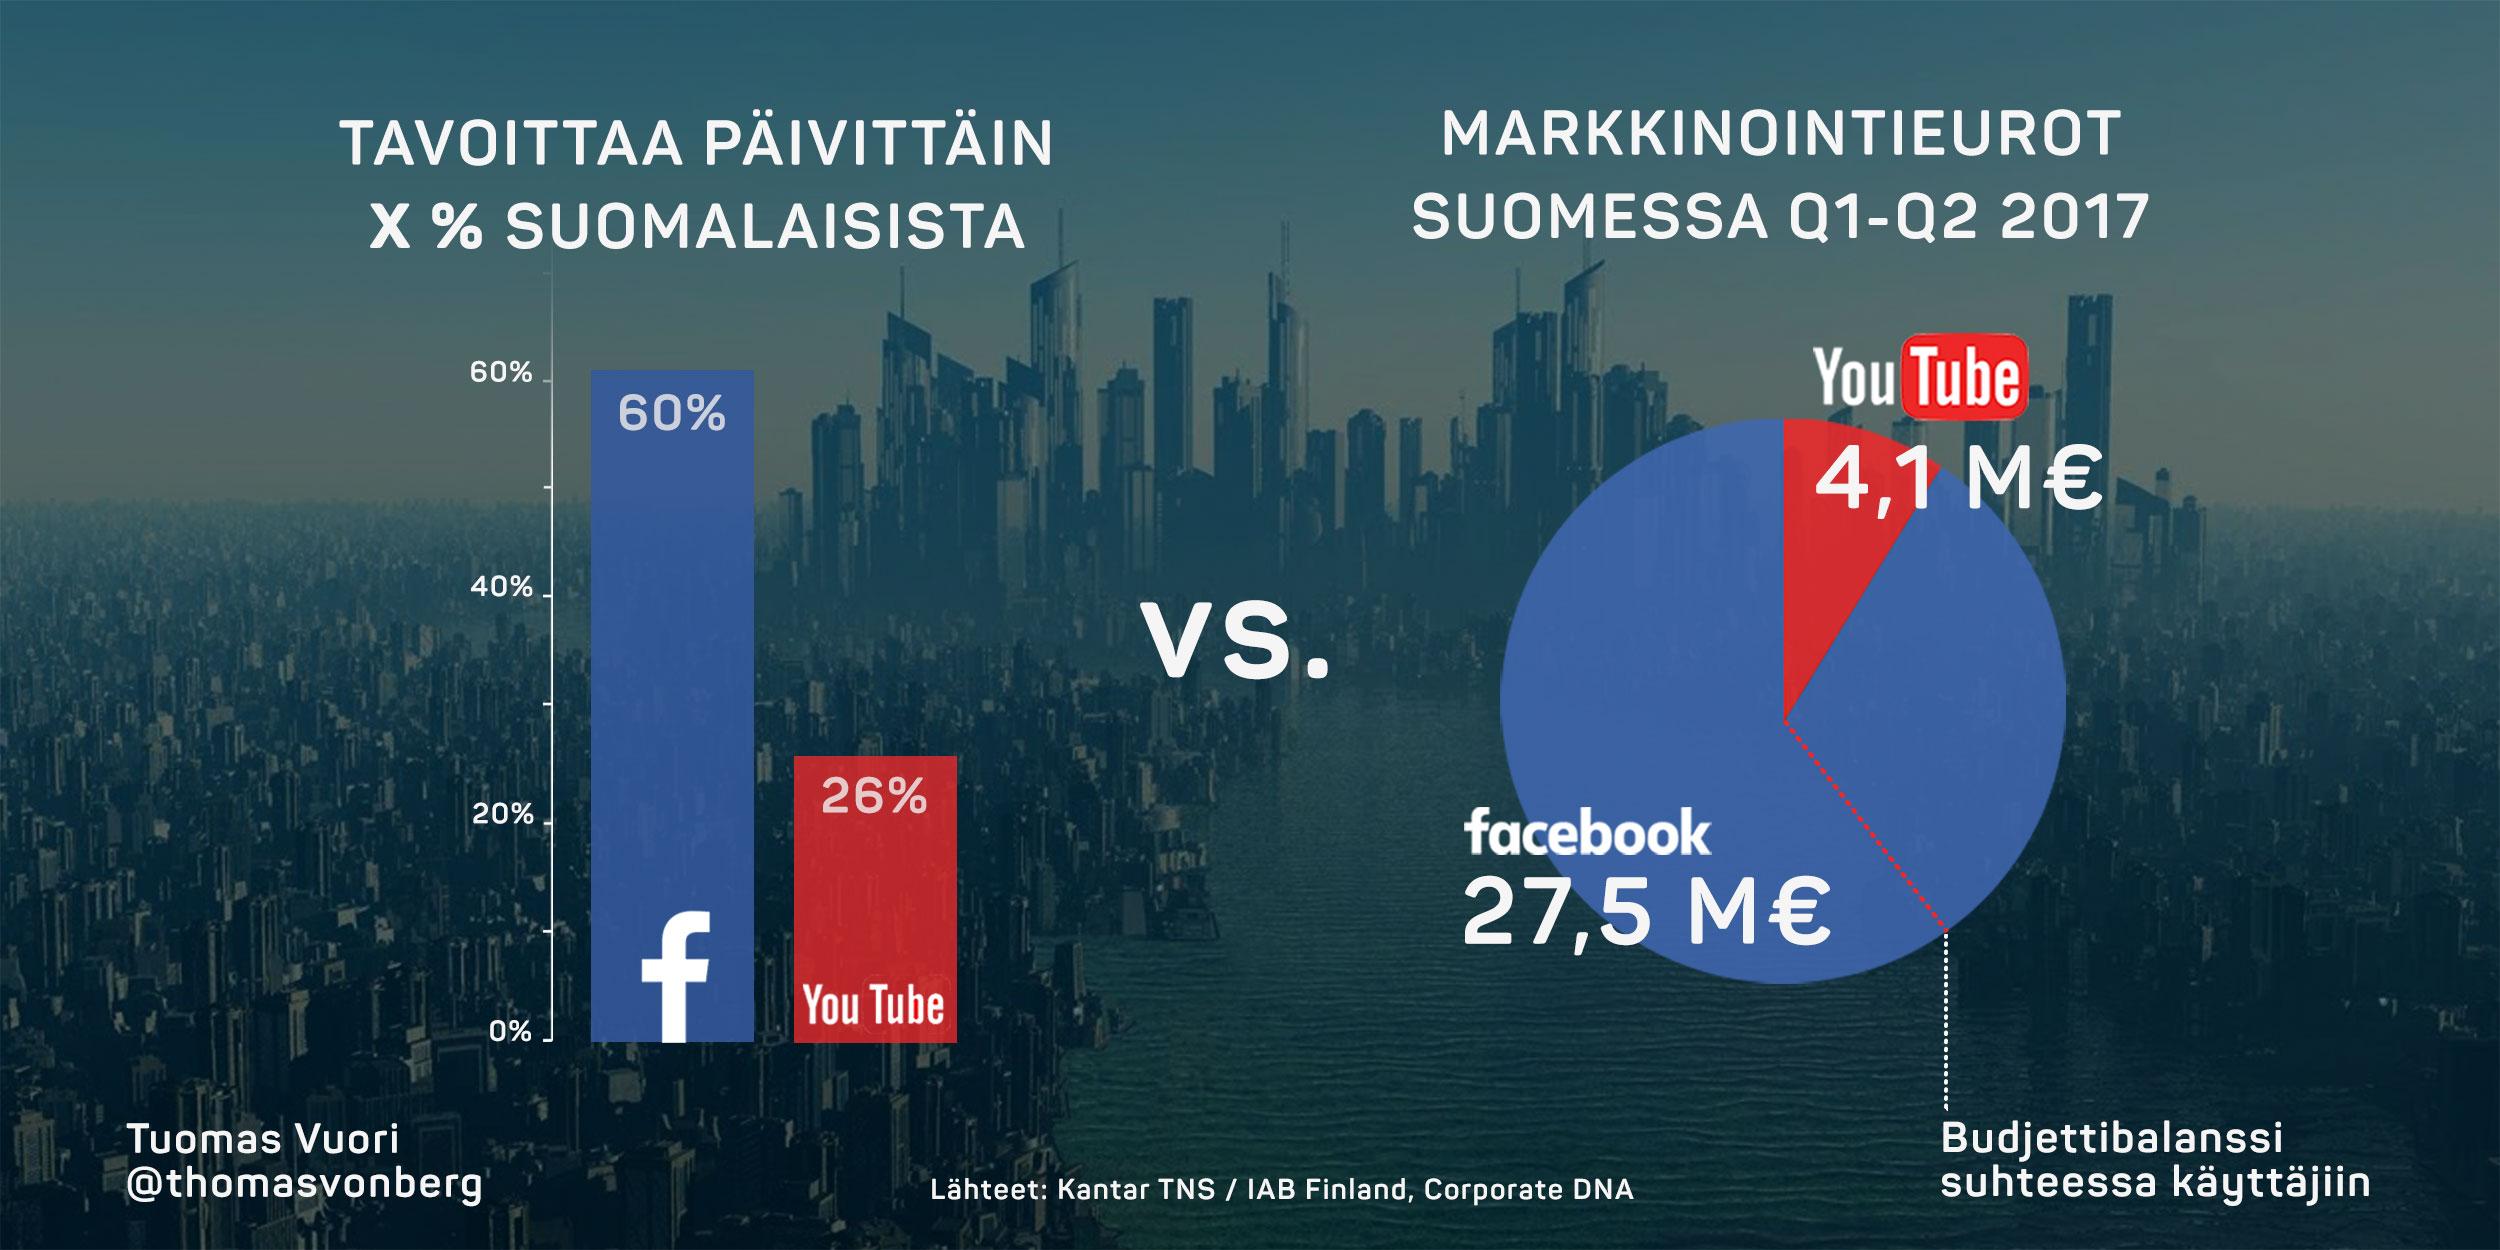 YouTuben ja Facebookin tavoittavuus Suomessa